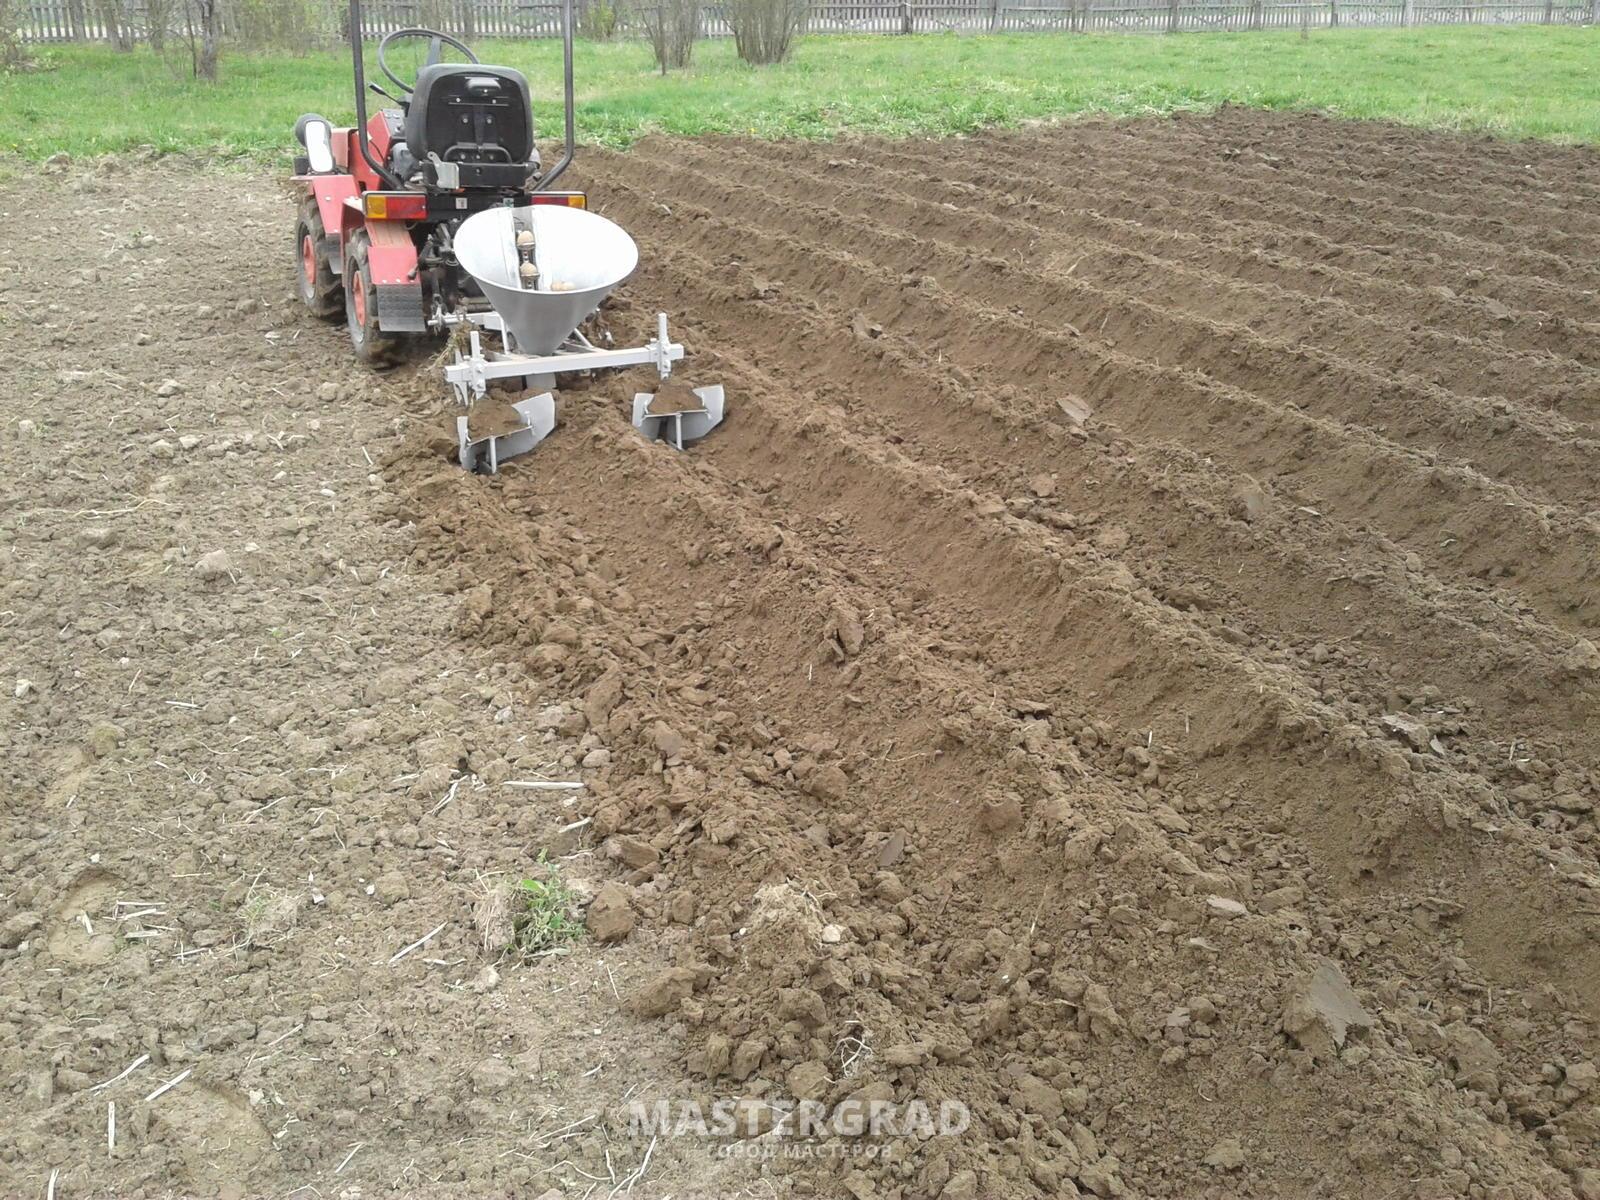 Картофель : посадка мотоблоком, нарезка борозд и окучивание 62